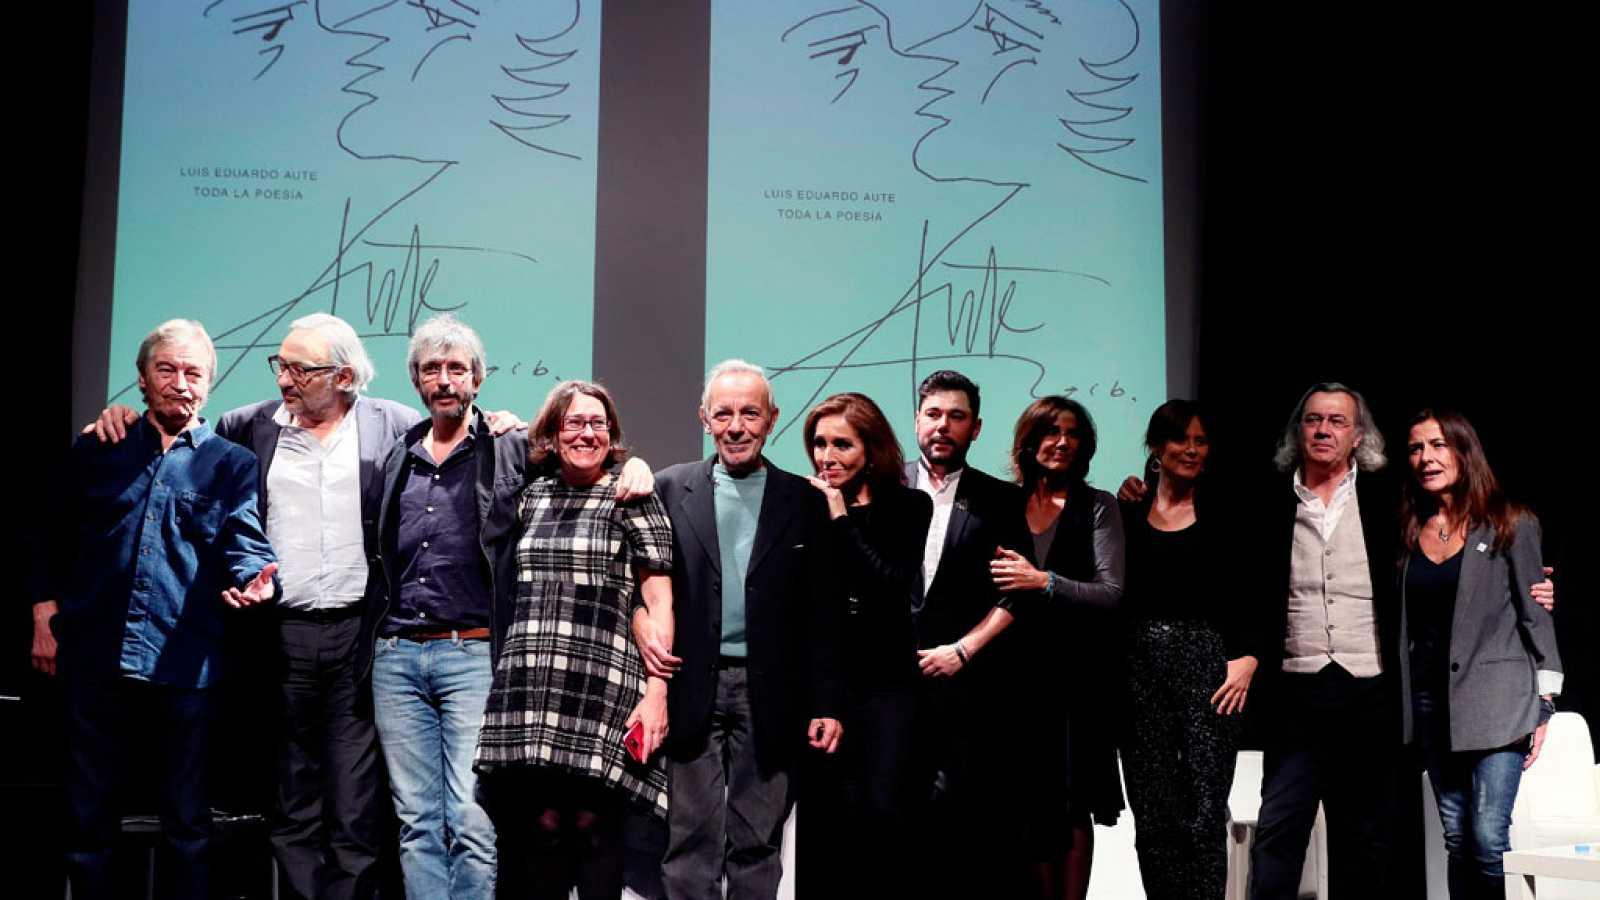 Artistas homenajean a Luis Eduardo Aute coincidiendo con la presentación de su obra poética